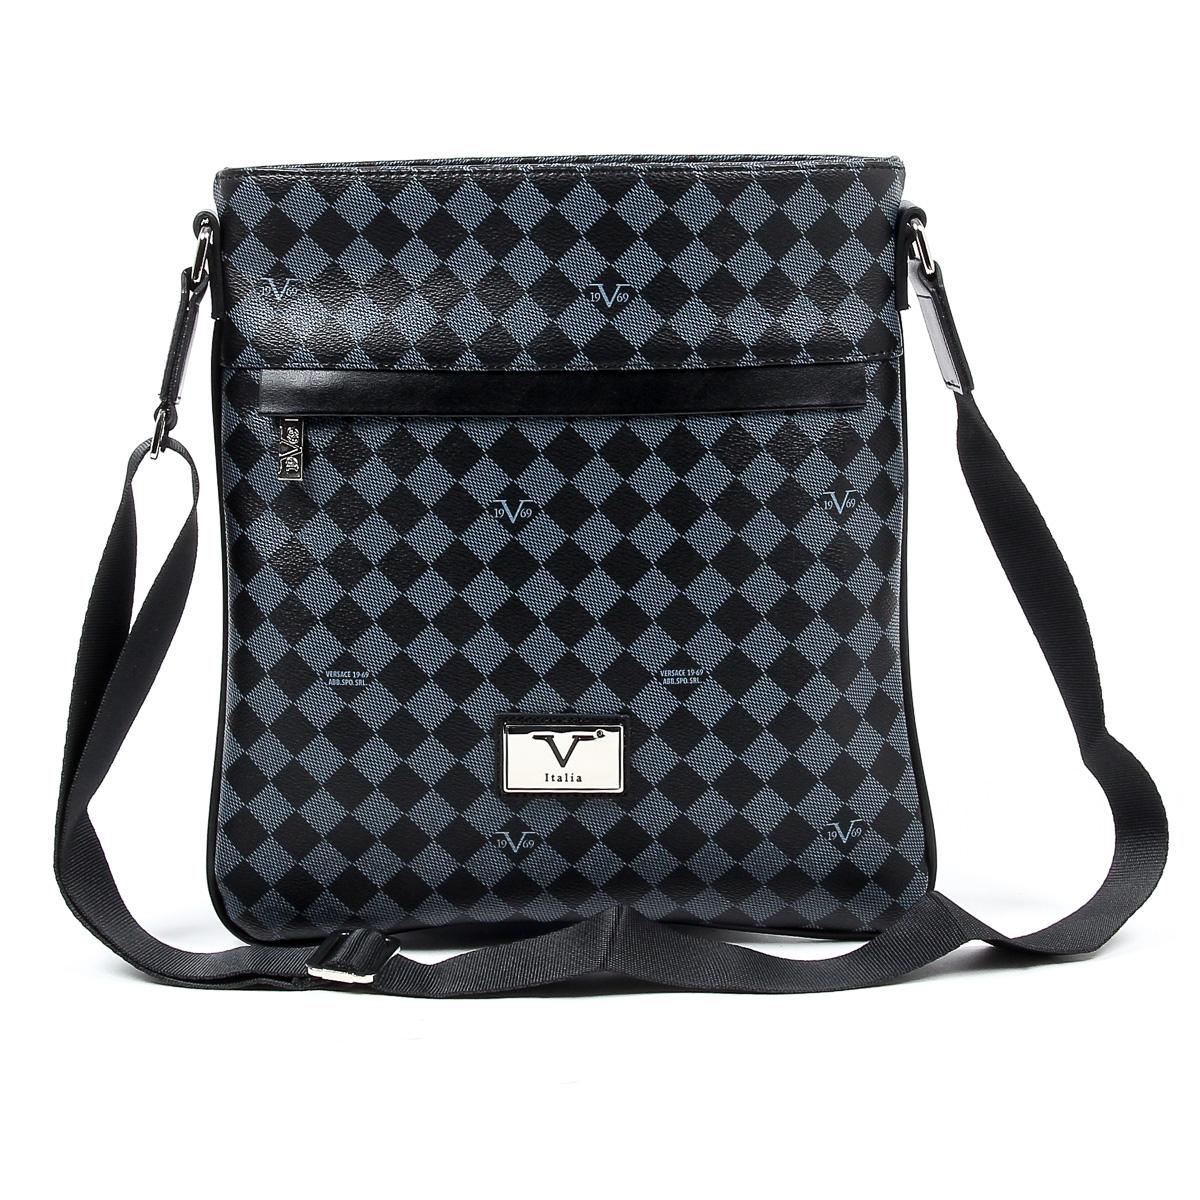 5520e56ad3e V 1969 Italia Mens Shoulder Bag   Designer Handbags   Pinterest ...